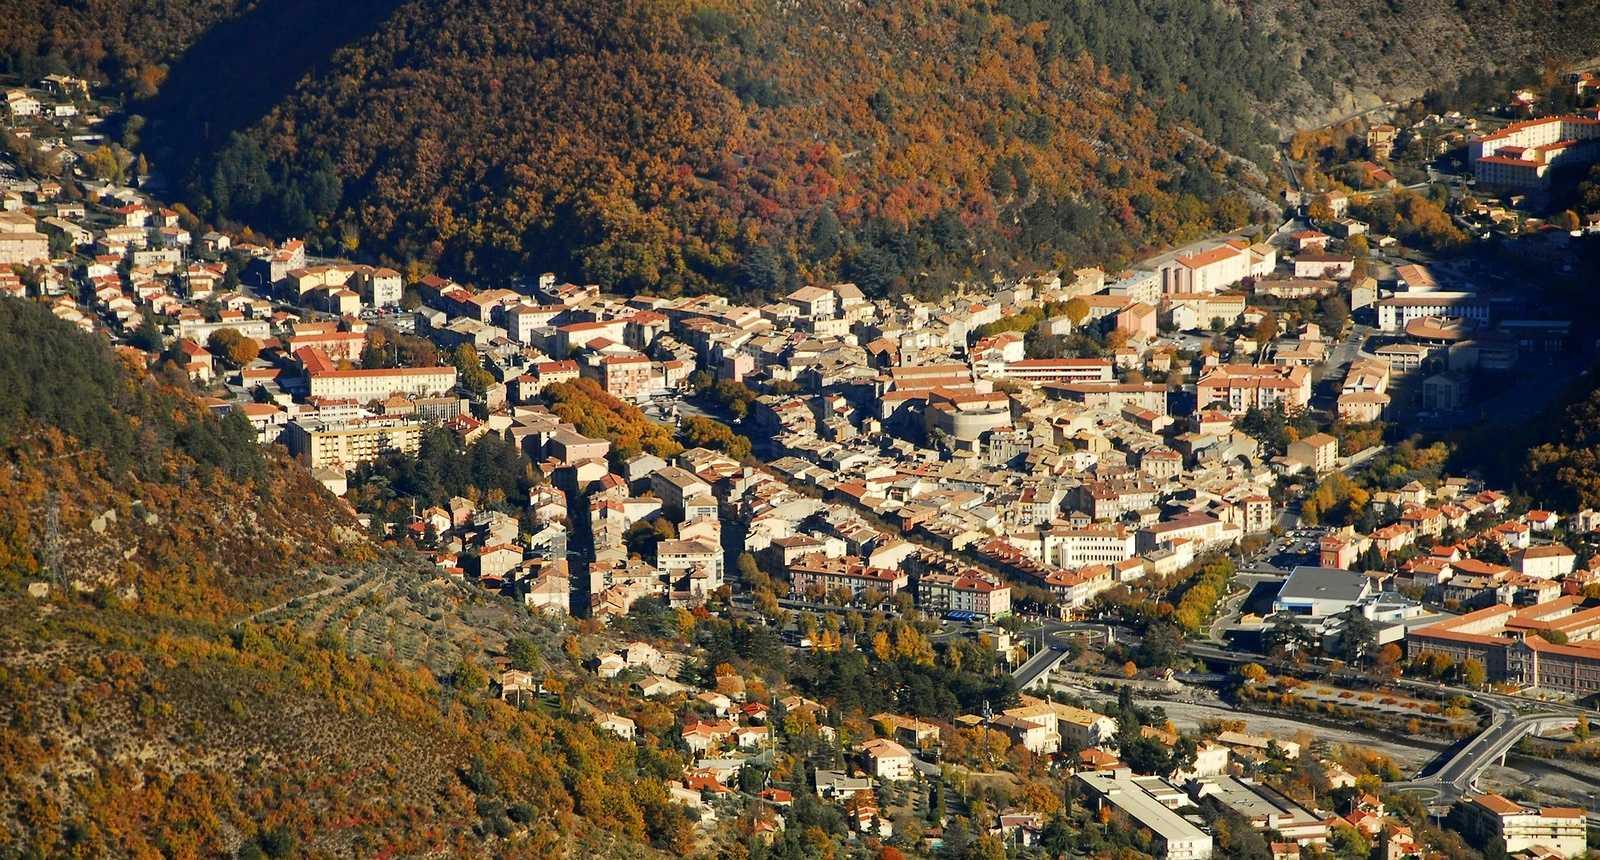 Digne-les-Bains France  City pictures : ... france.com/petitesregions/paca/prealpes de digne/2 digne les bains